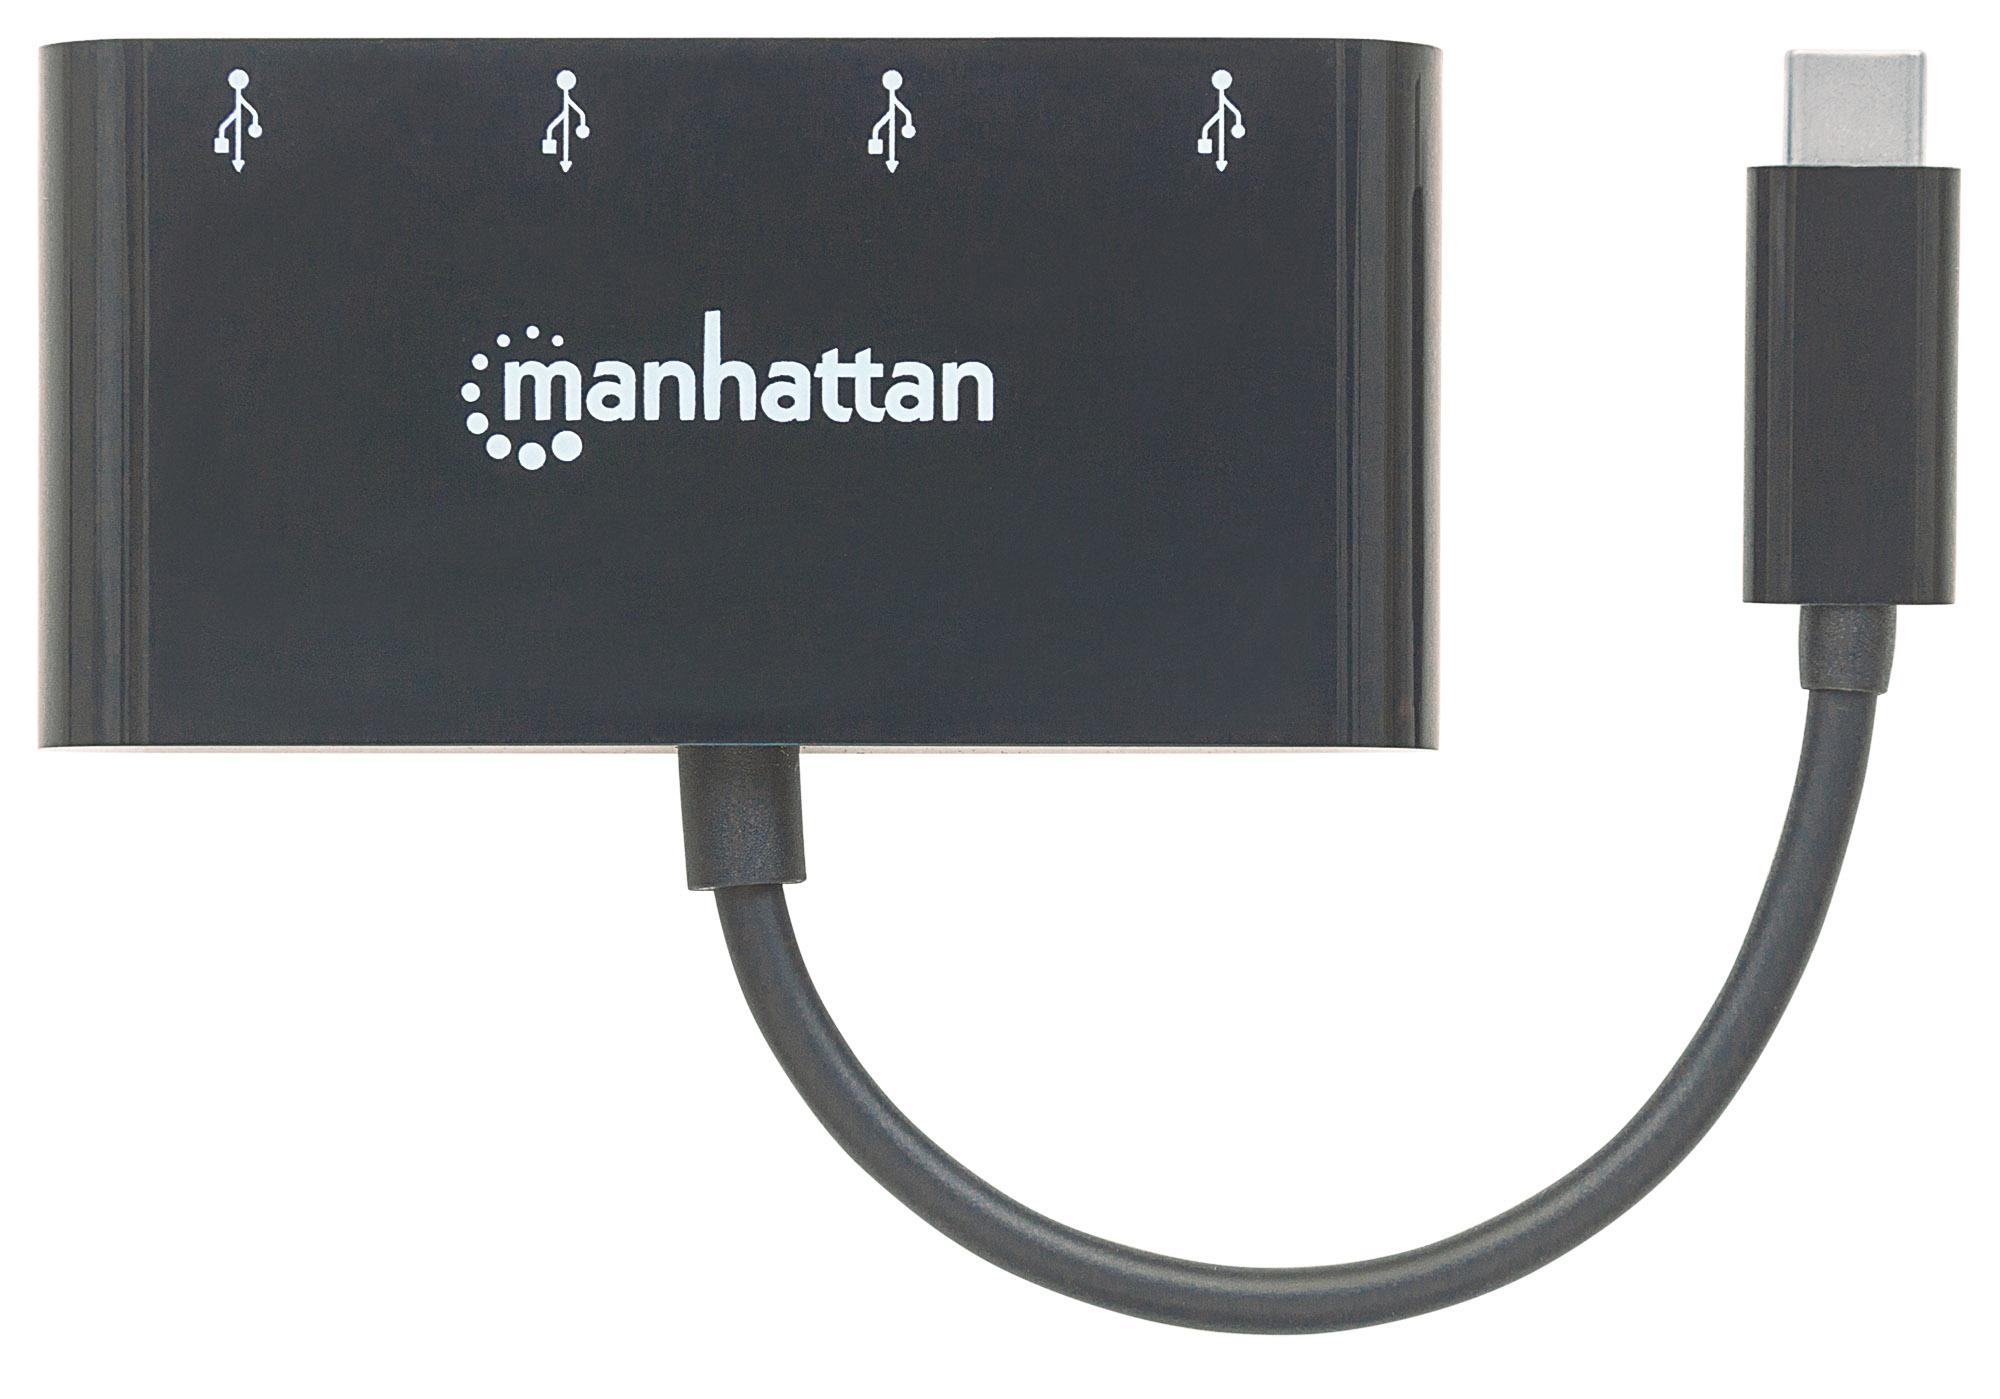 SuperSpeed USB-C 3.2 Gen 1 C Hub